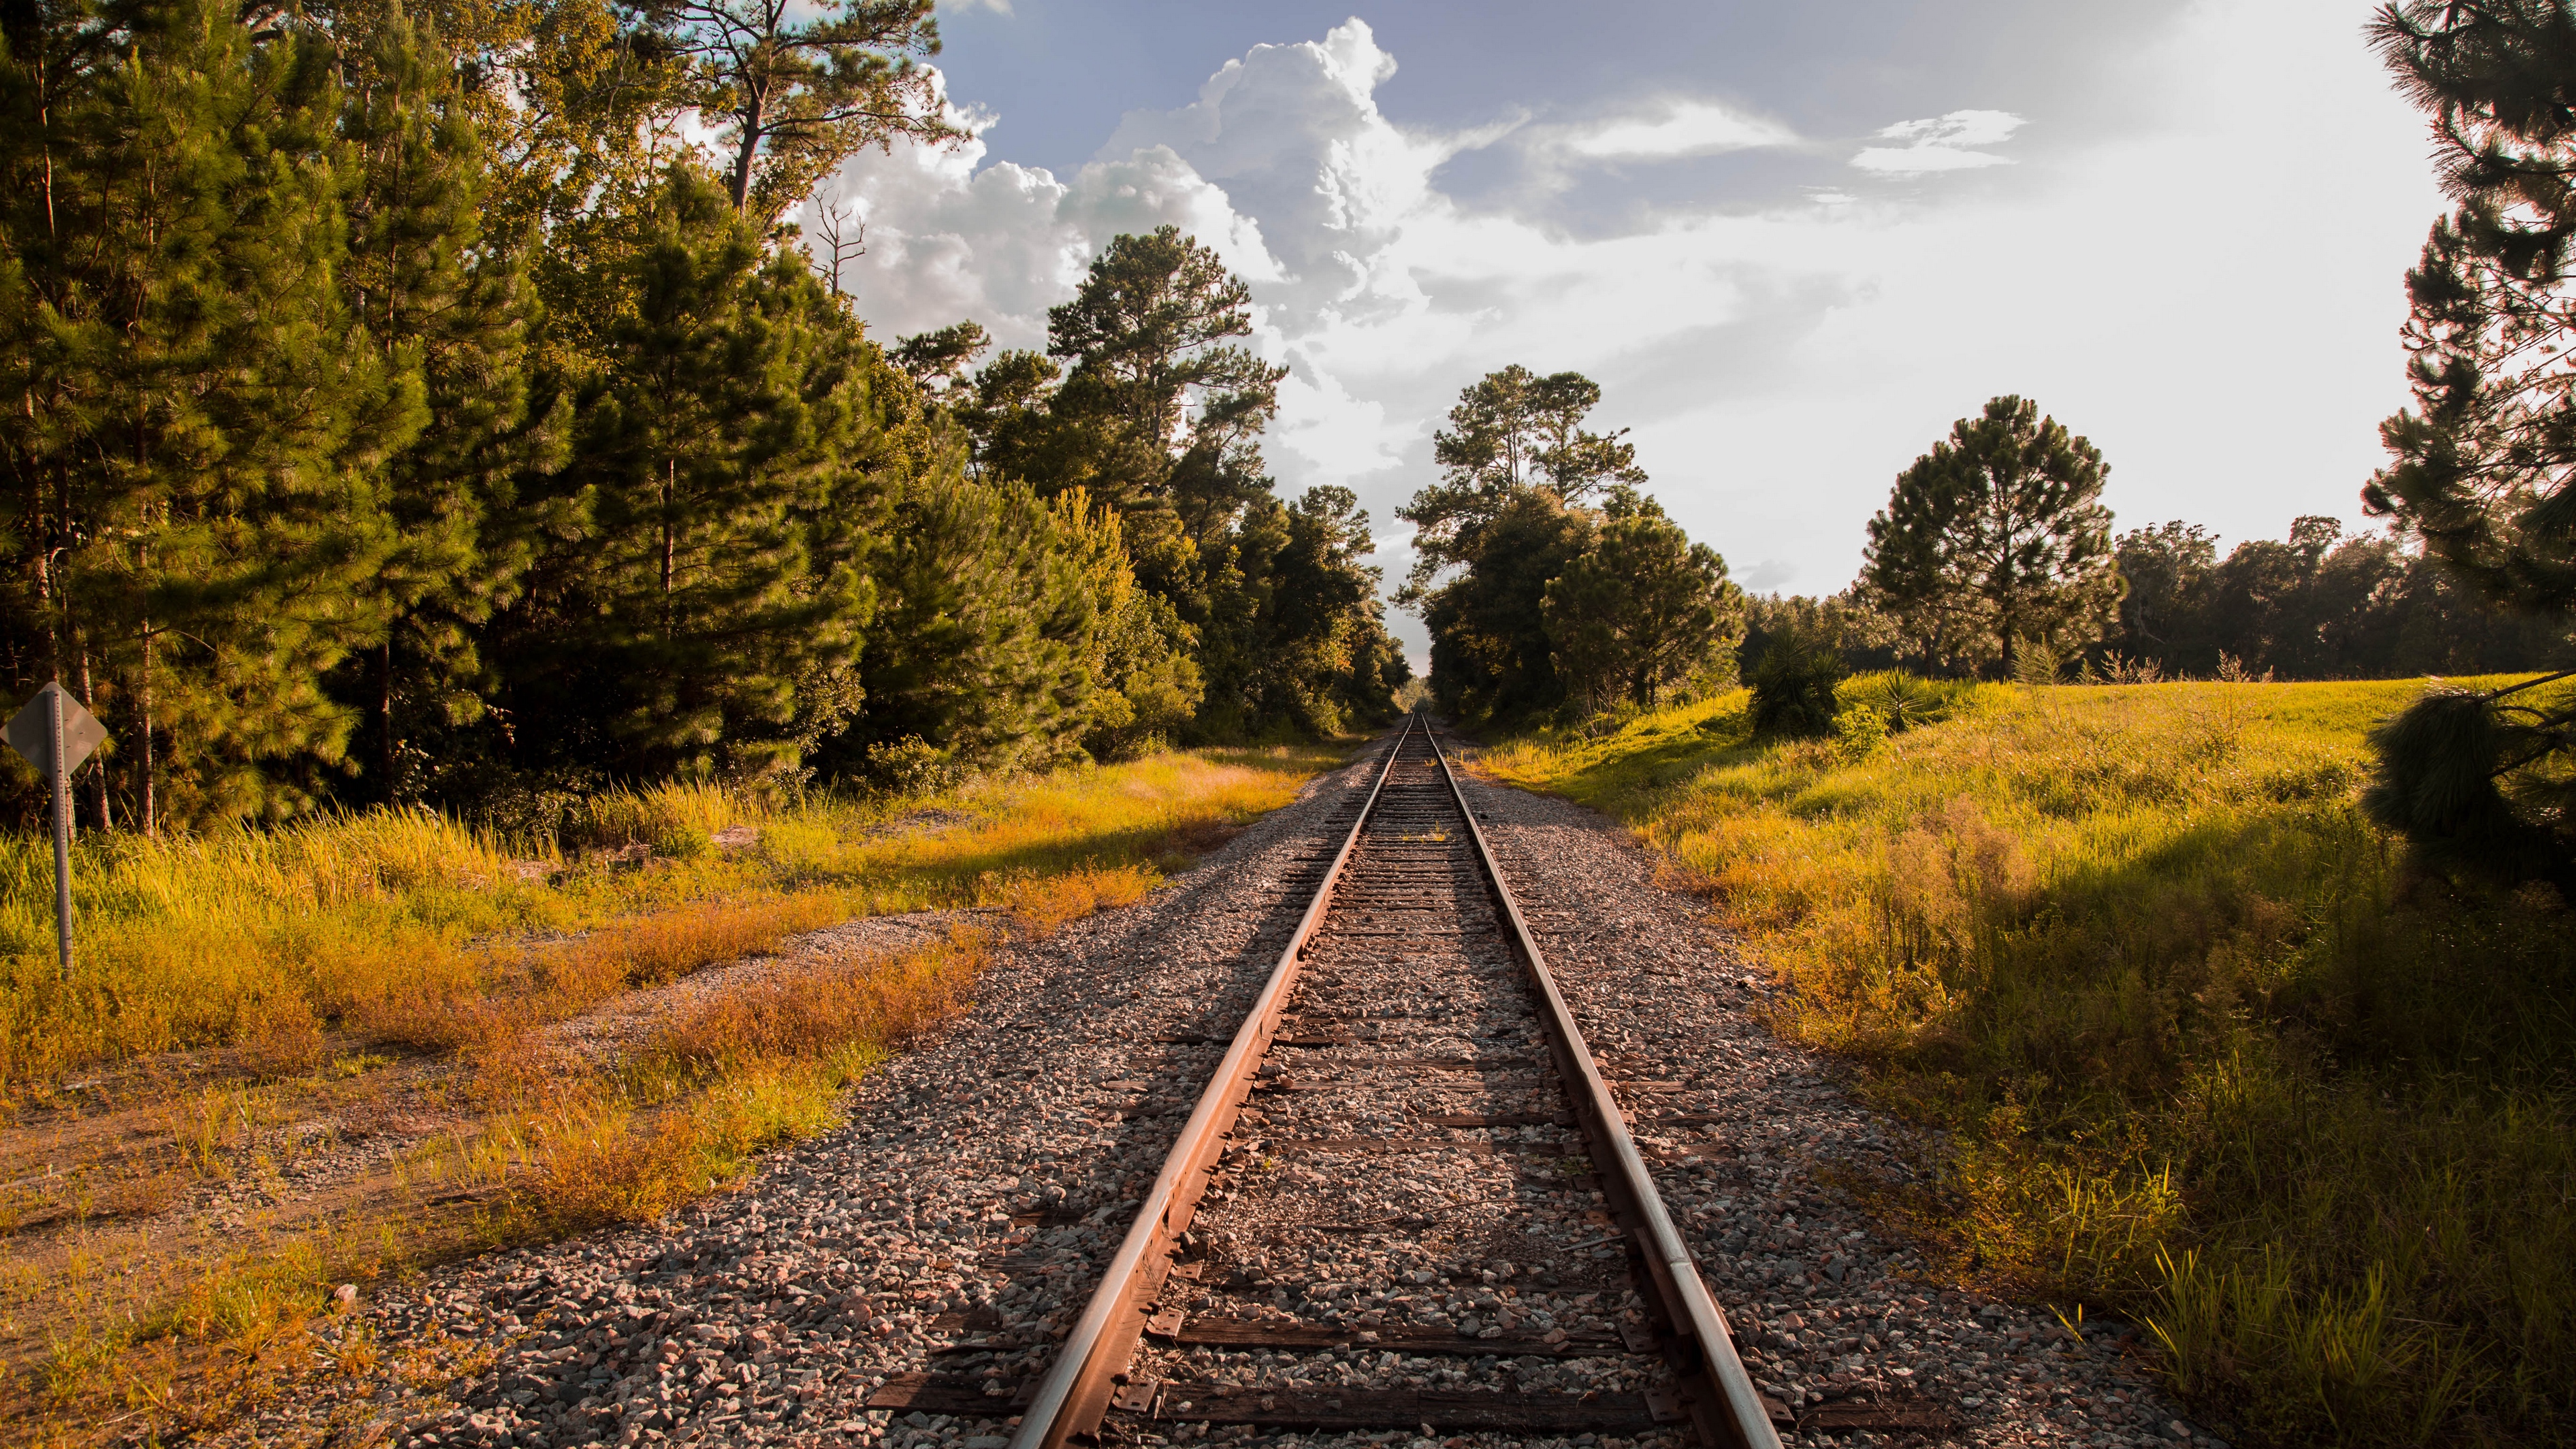 railway grass sky summer 4k 1541116130 - railway, grass, sky, summer 4k - Sky, railway, Grass